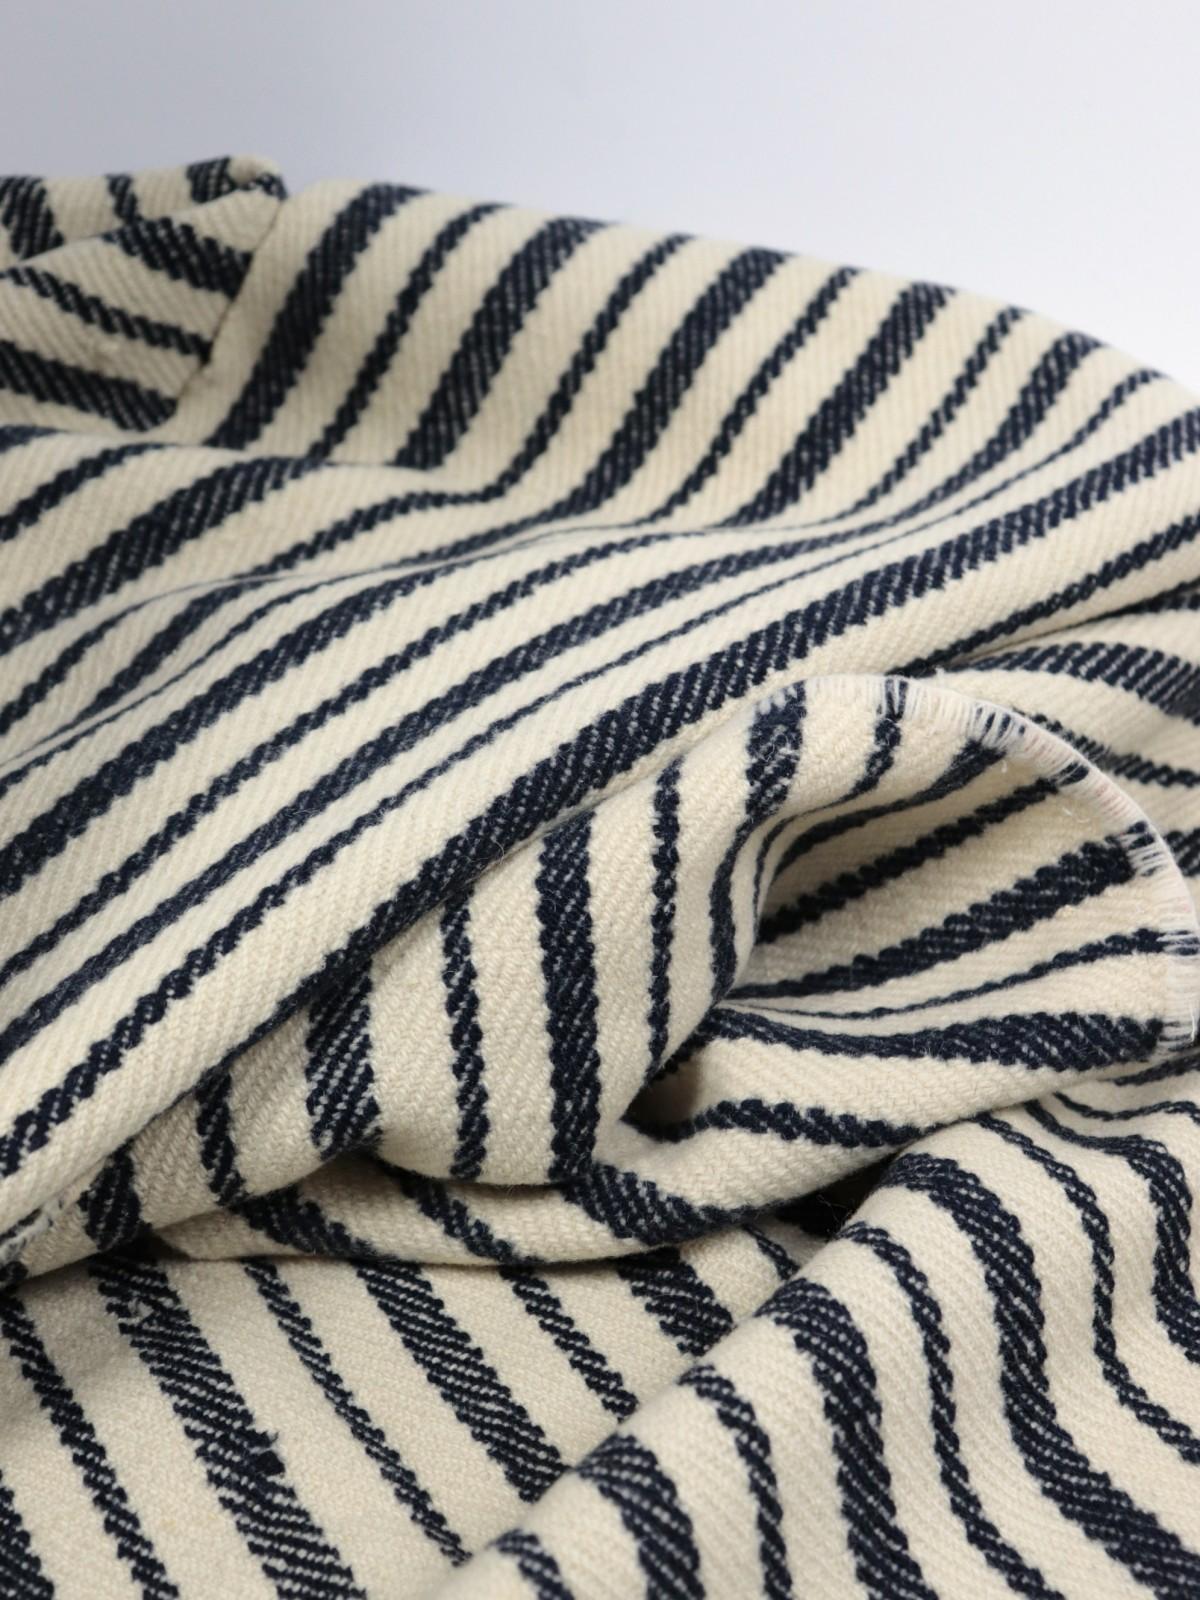 homespun,wales,blanket